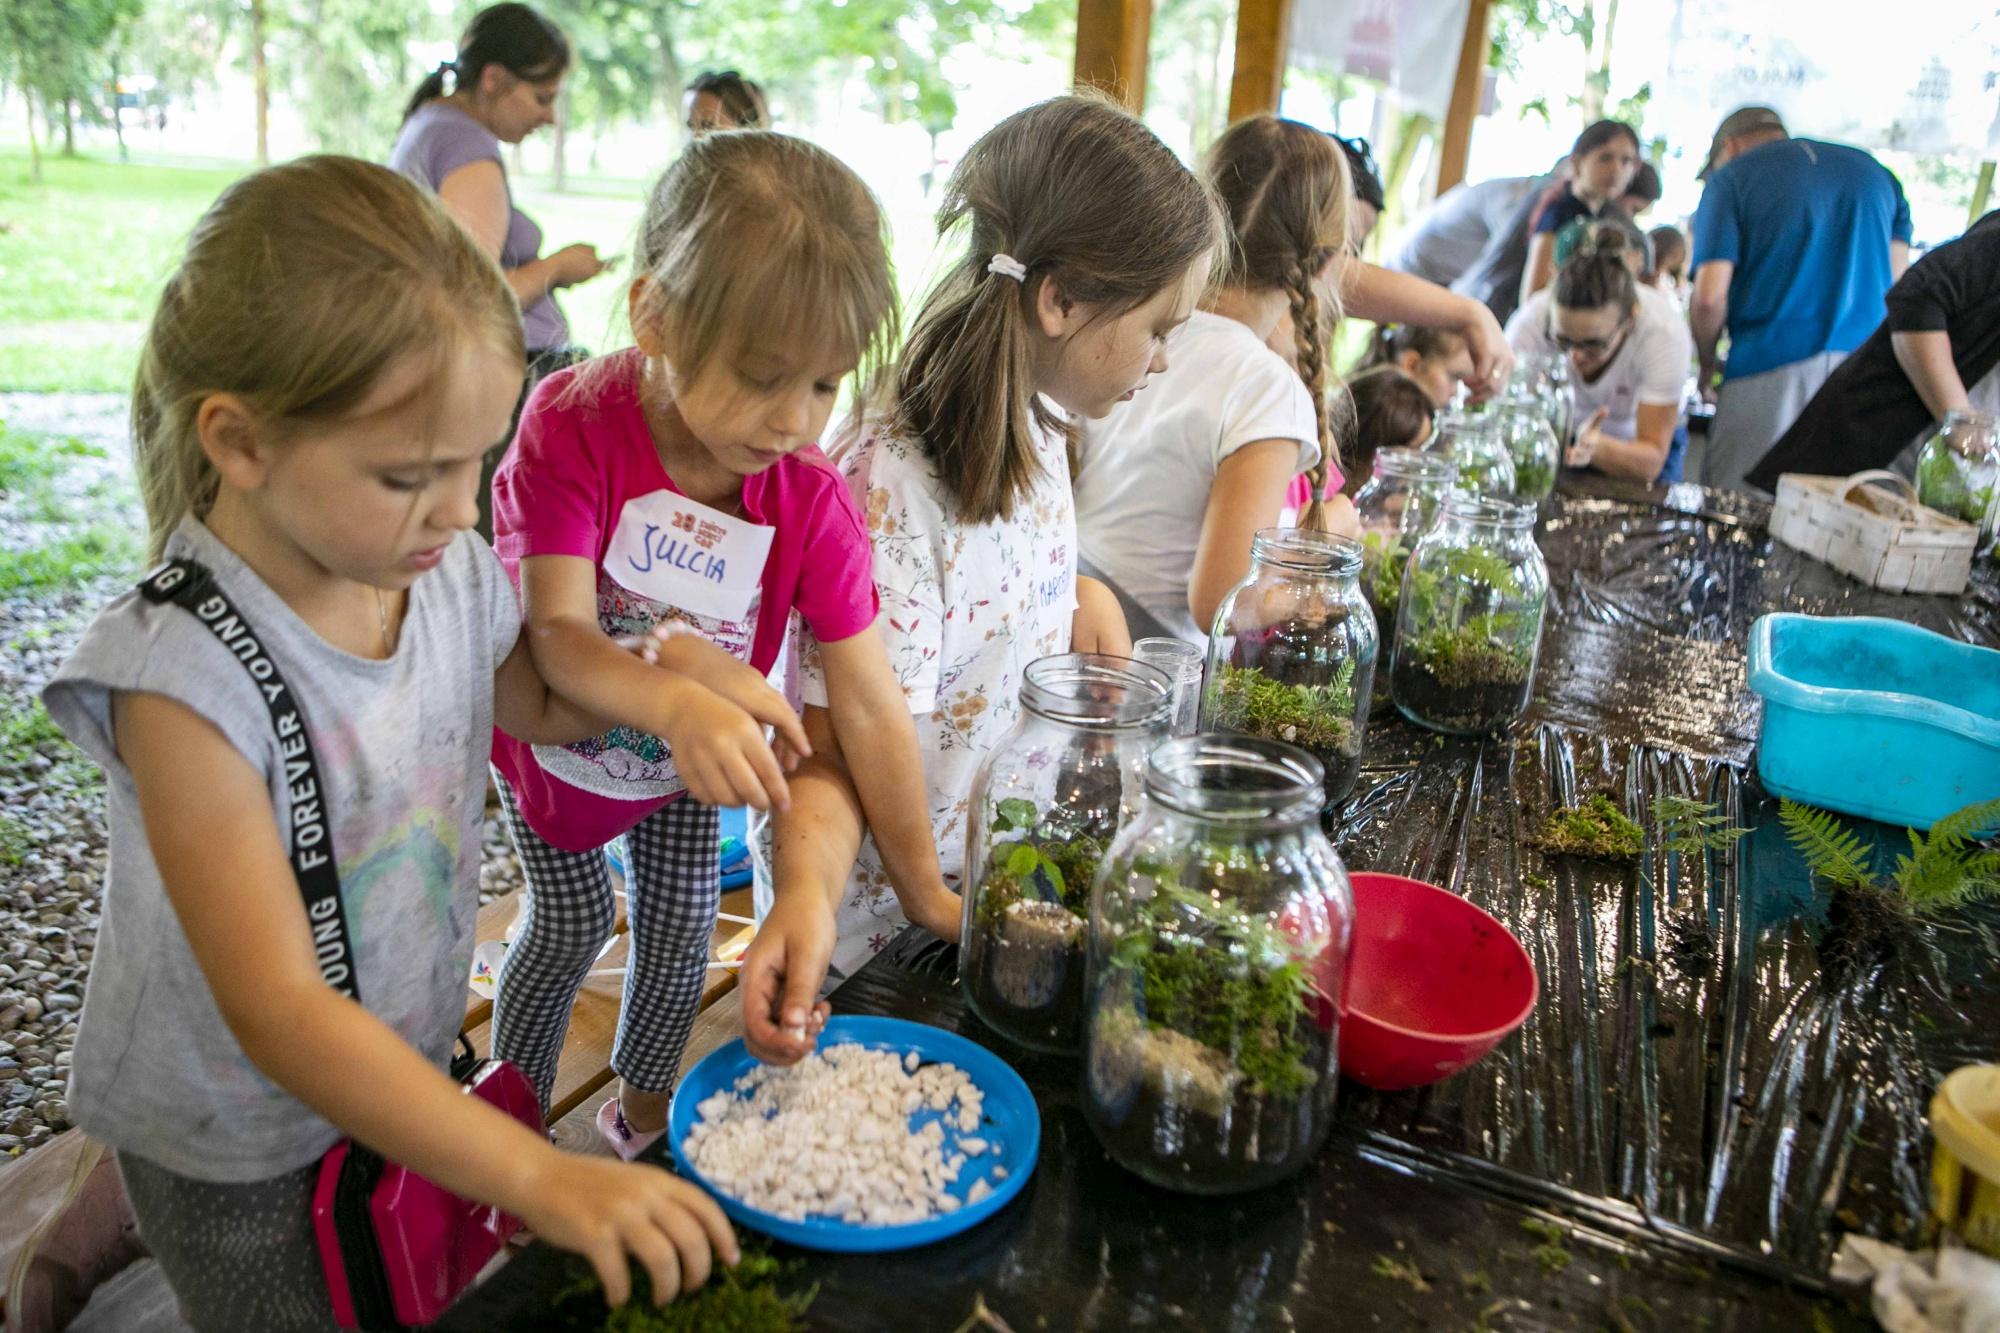 dzieci siedzą przy stołach, wkładają rośliny do słoików wypełnionych ziemią